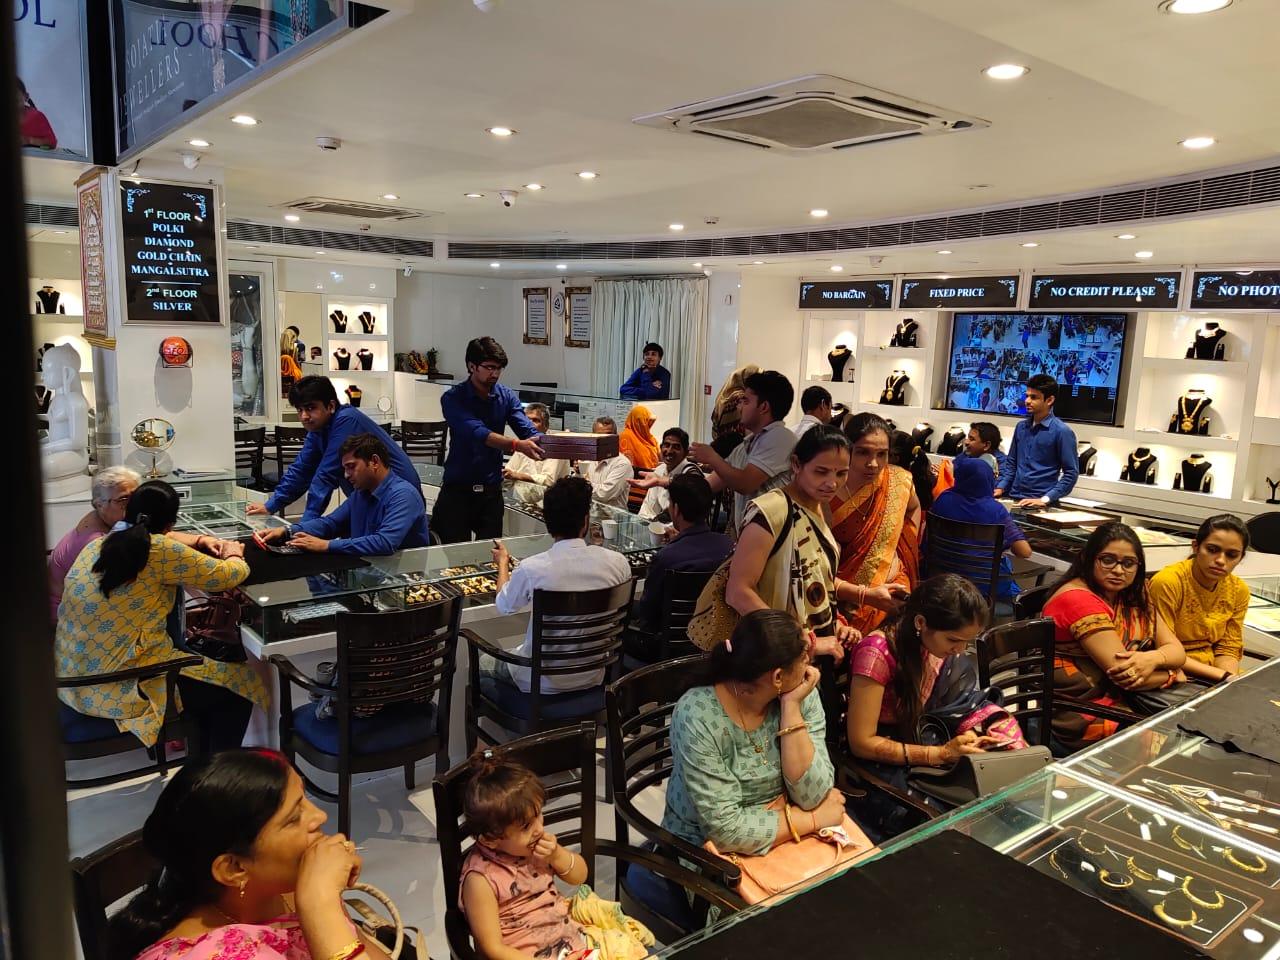 सोजतिया ज्वैलर्स पर प्राईड ऑफ मेवाड प्रदर्शनी में मेवाड की डिजाईनों को कर रहे पसन्द